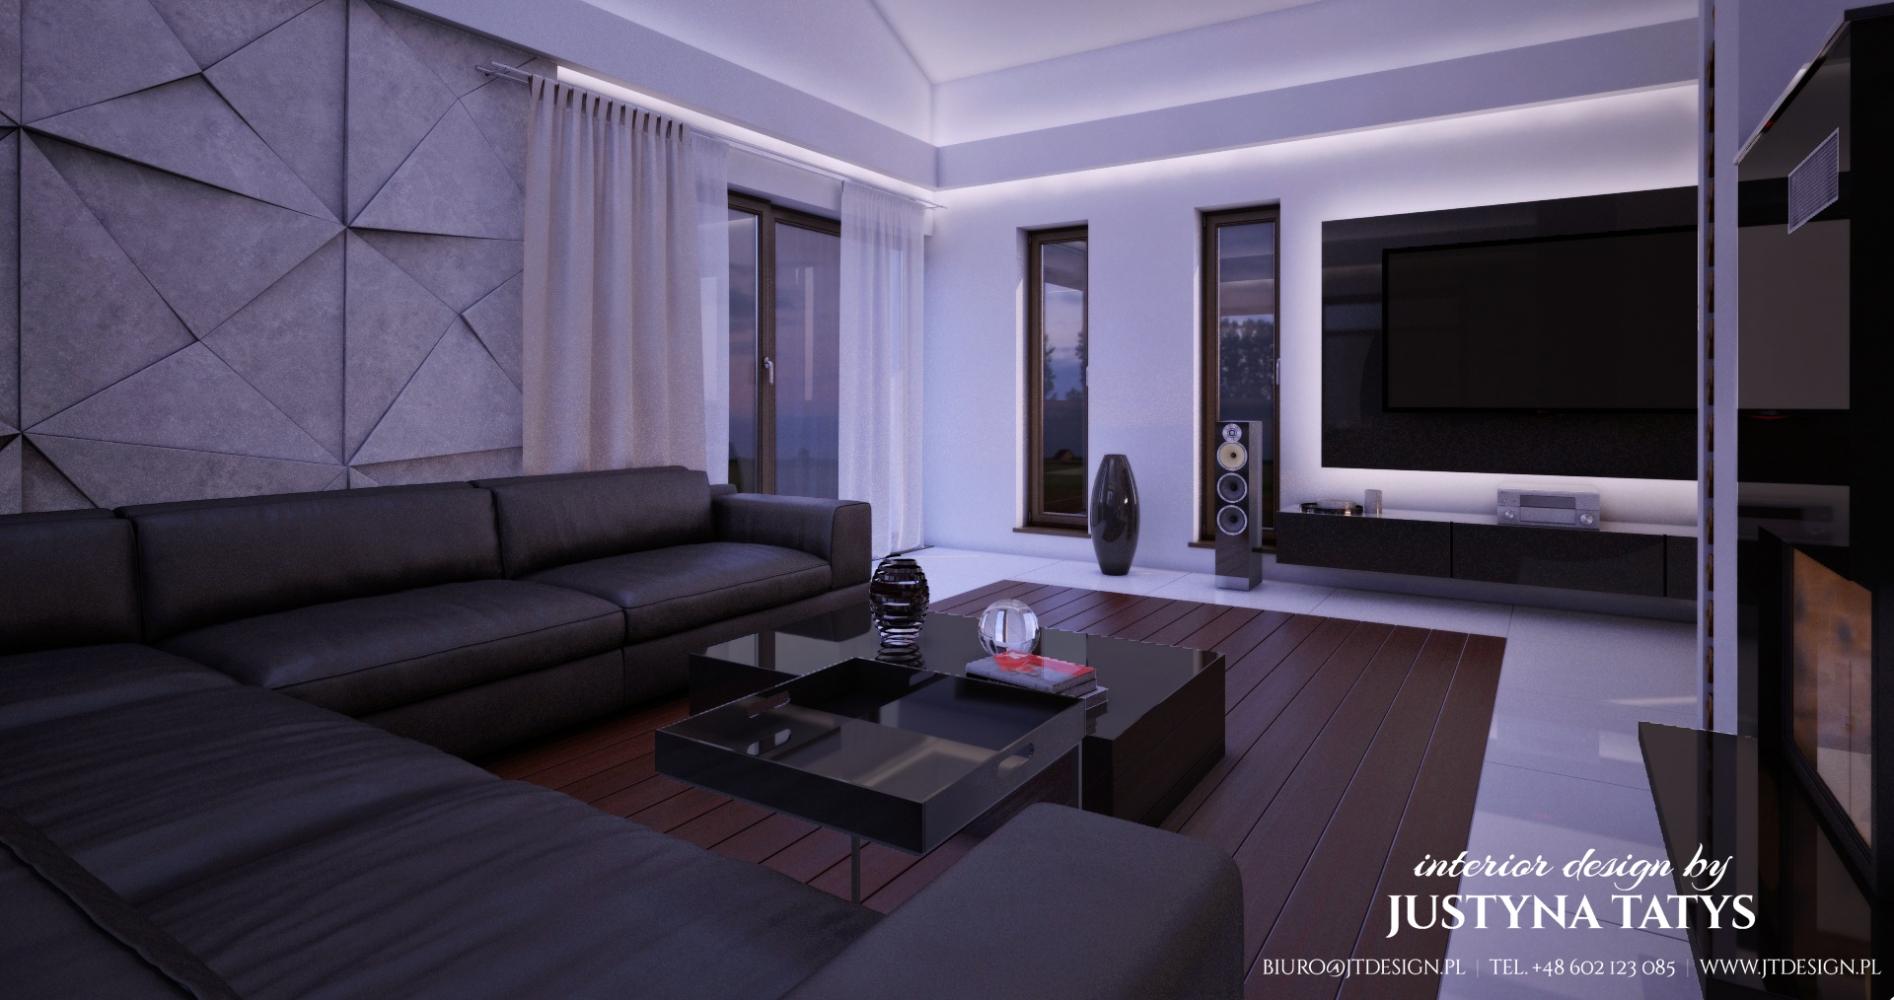 jt_design_img-47.jpg